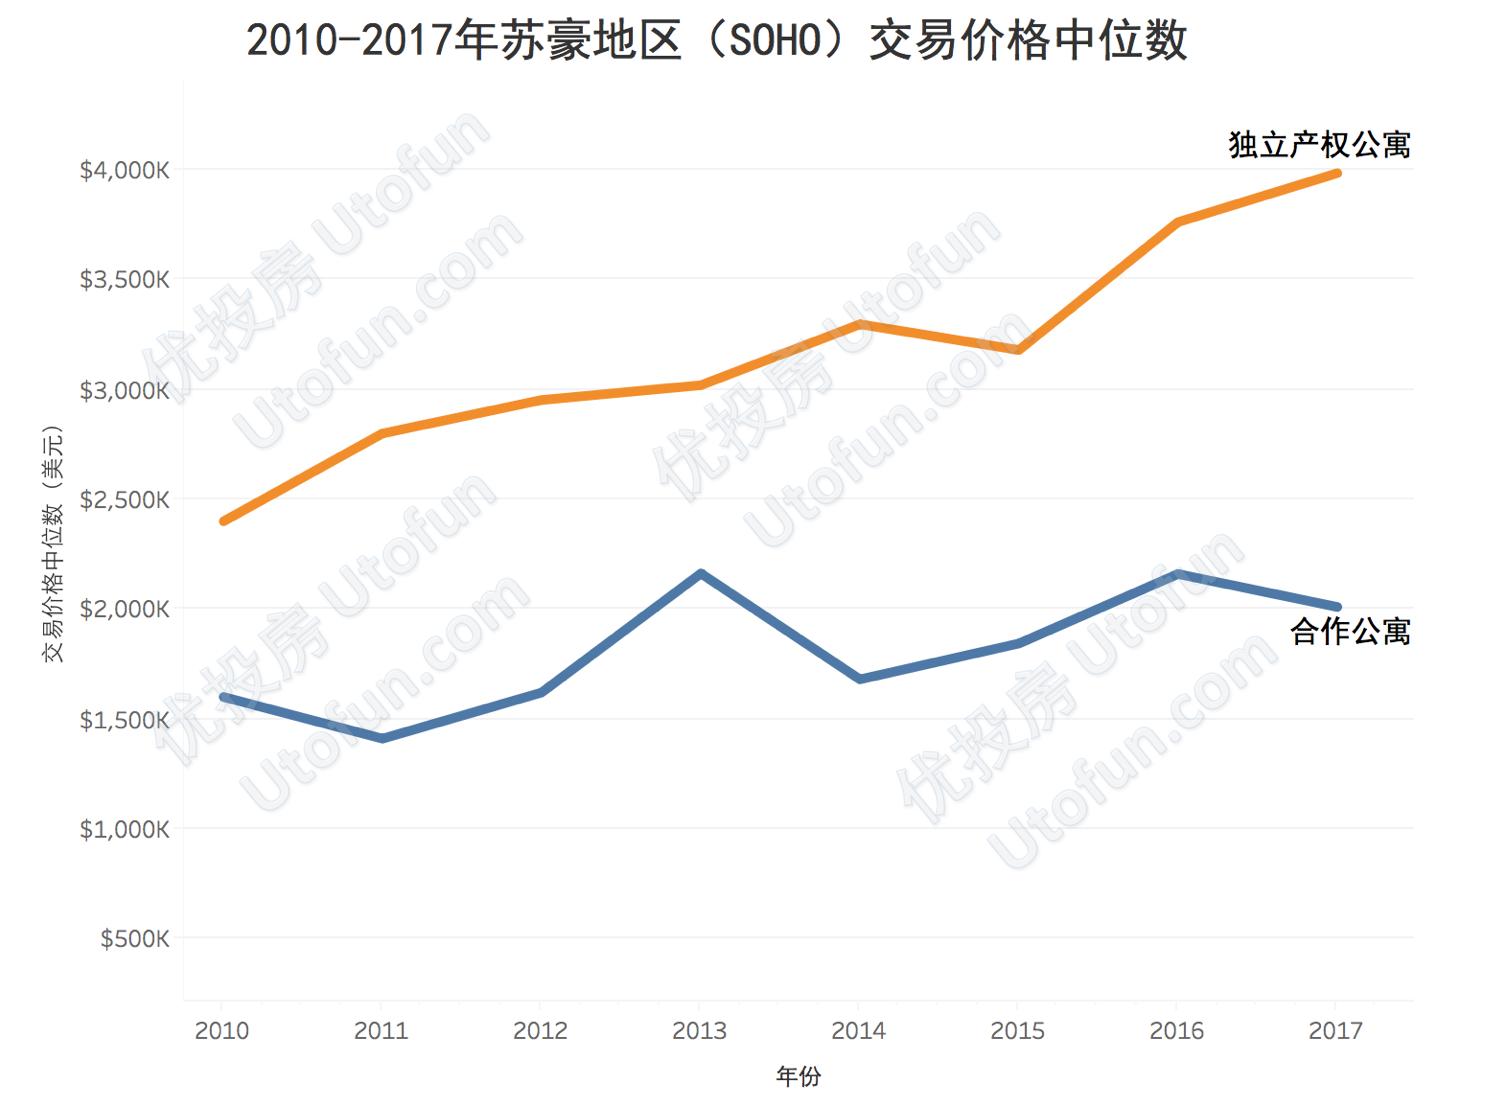 2010-2017年苏豪地区 (SOHO)交易价格中位数